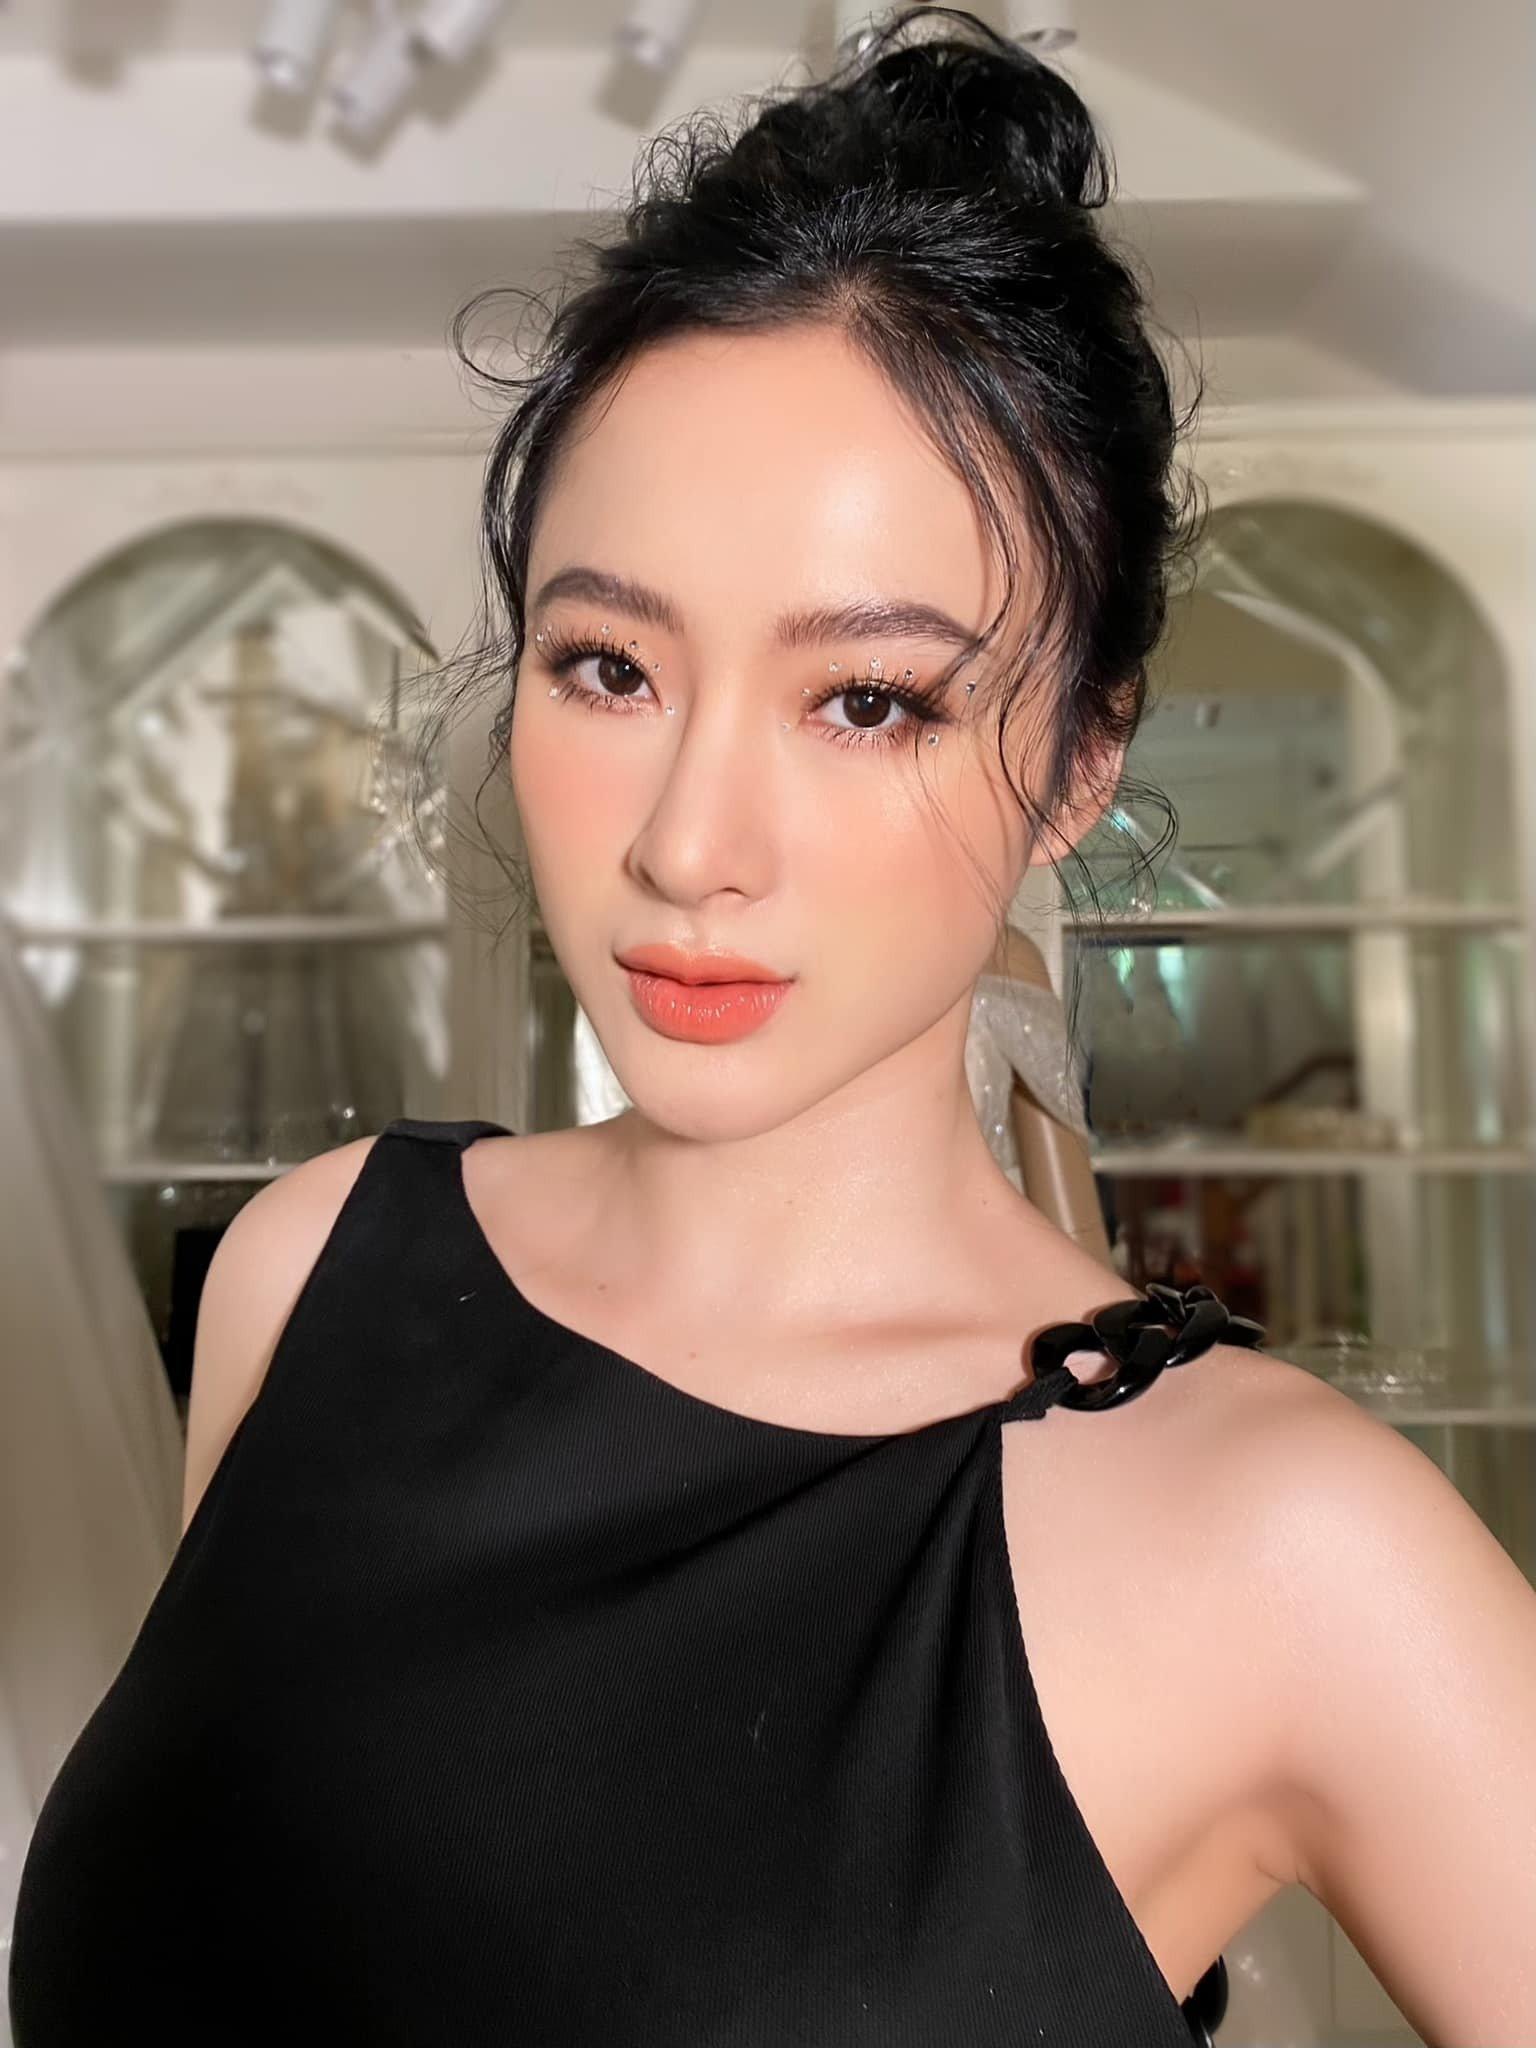 Sao Việt 16/8: Ảnh hiếm về bà xã BTV Quang Minh; Vợ Sỹ Luân 'vạ miệng' thời trẻ khiến hôn nhân chưa trọn vẹn 3